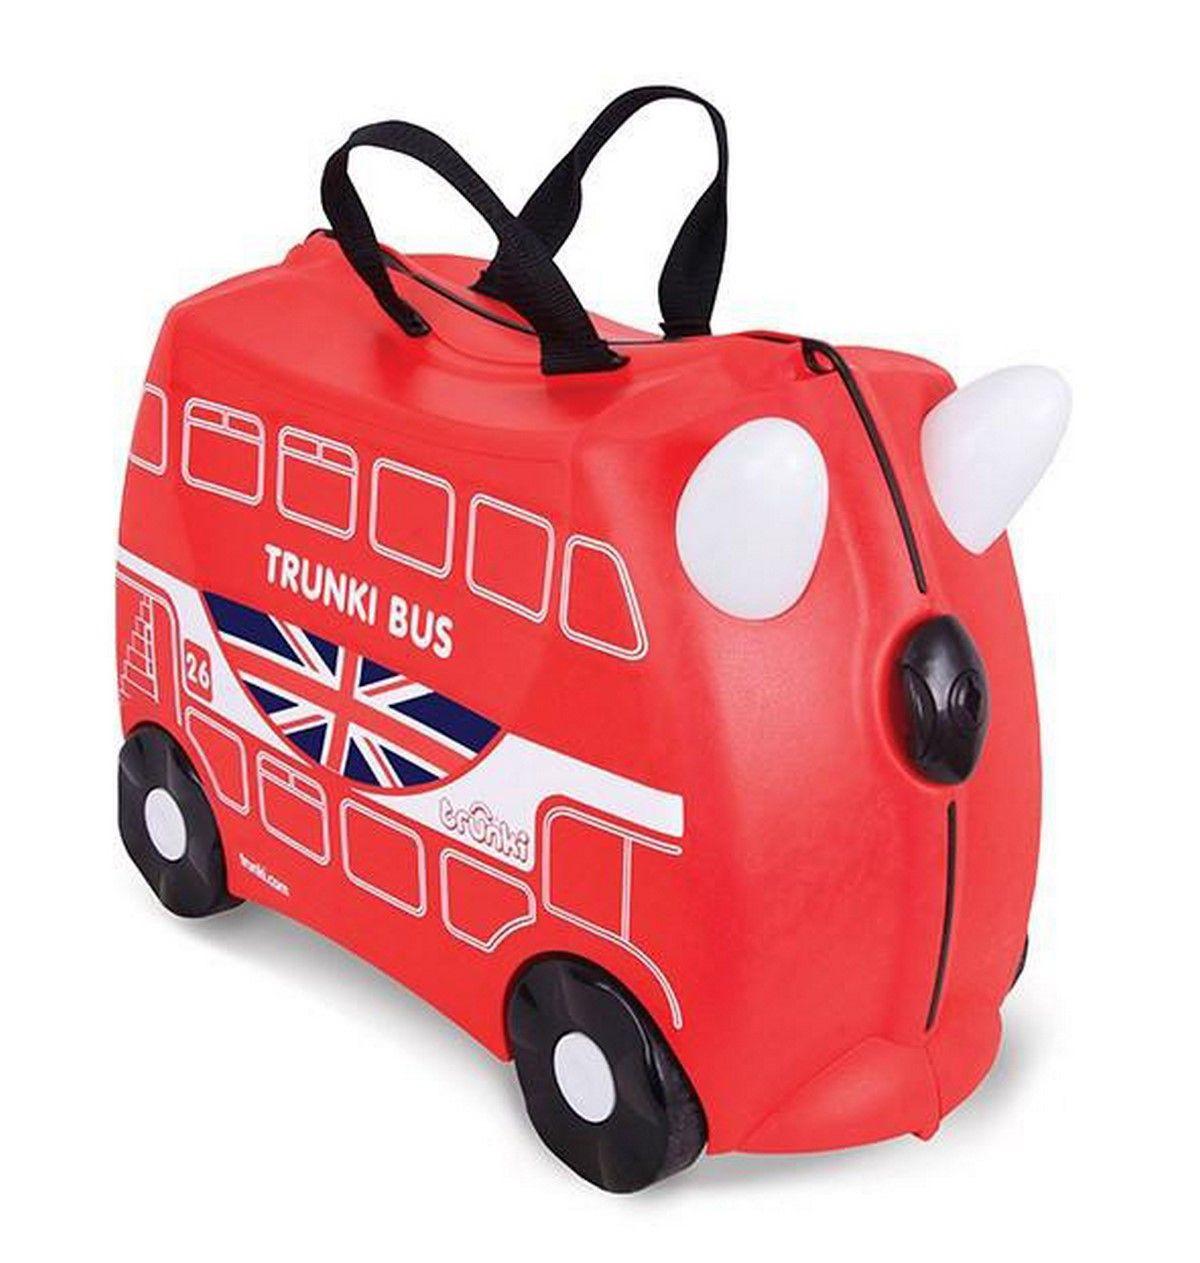 Trunki London Bus